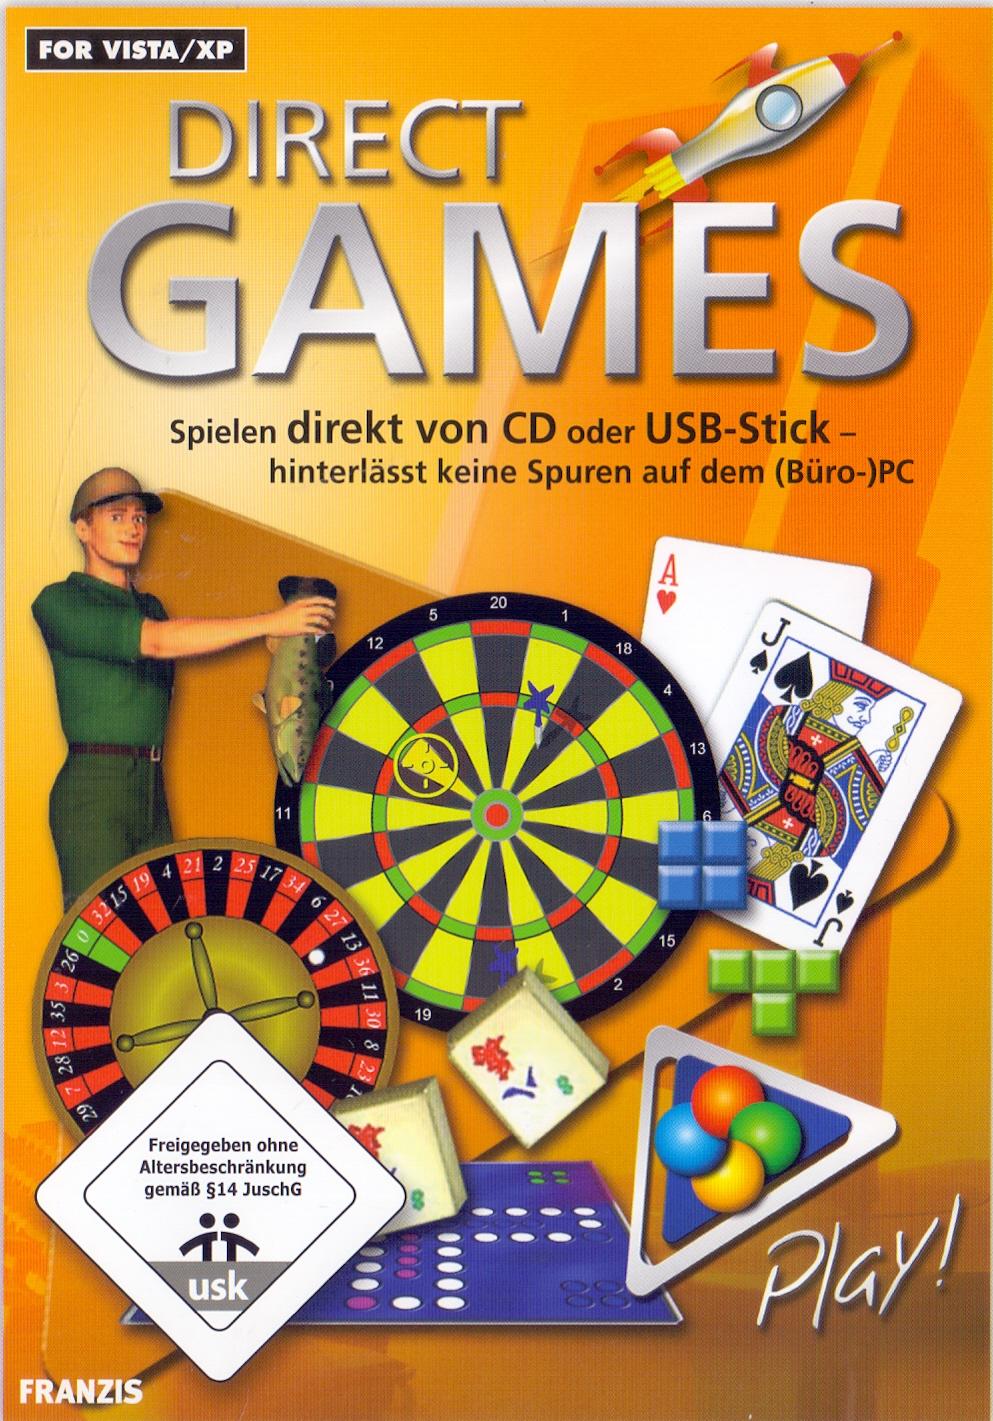 Direct Games - Spielen direkt von CD oder USB-Stick